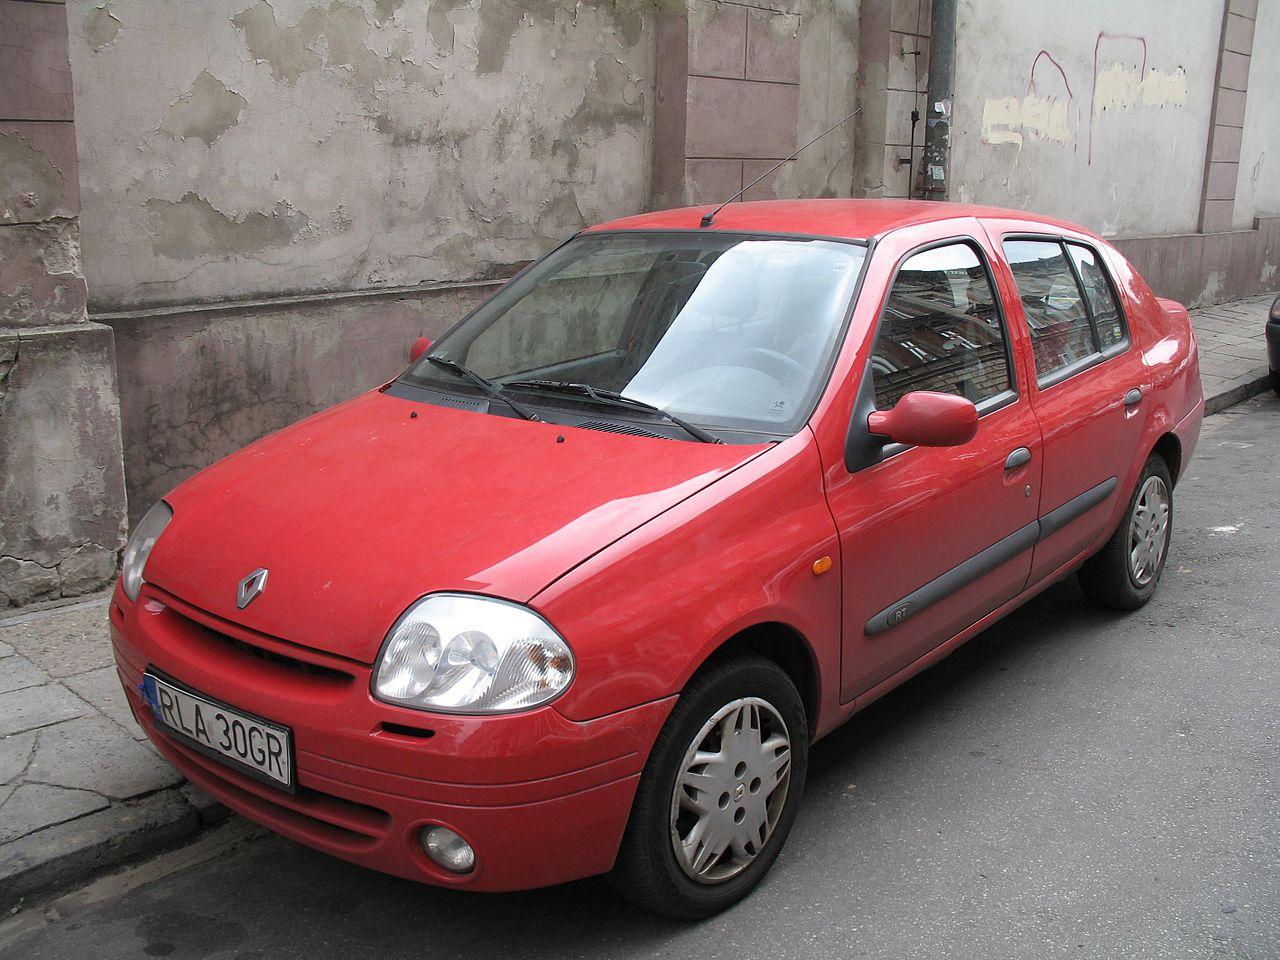 1280px-Renault_Thalia_in_Krakow.jpg